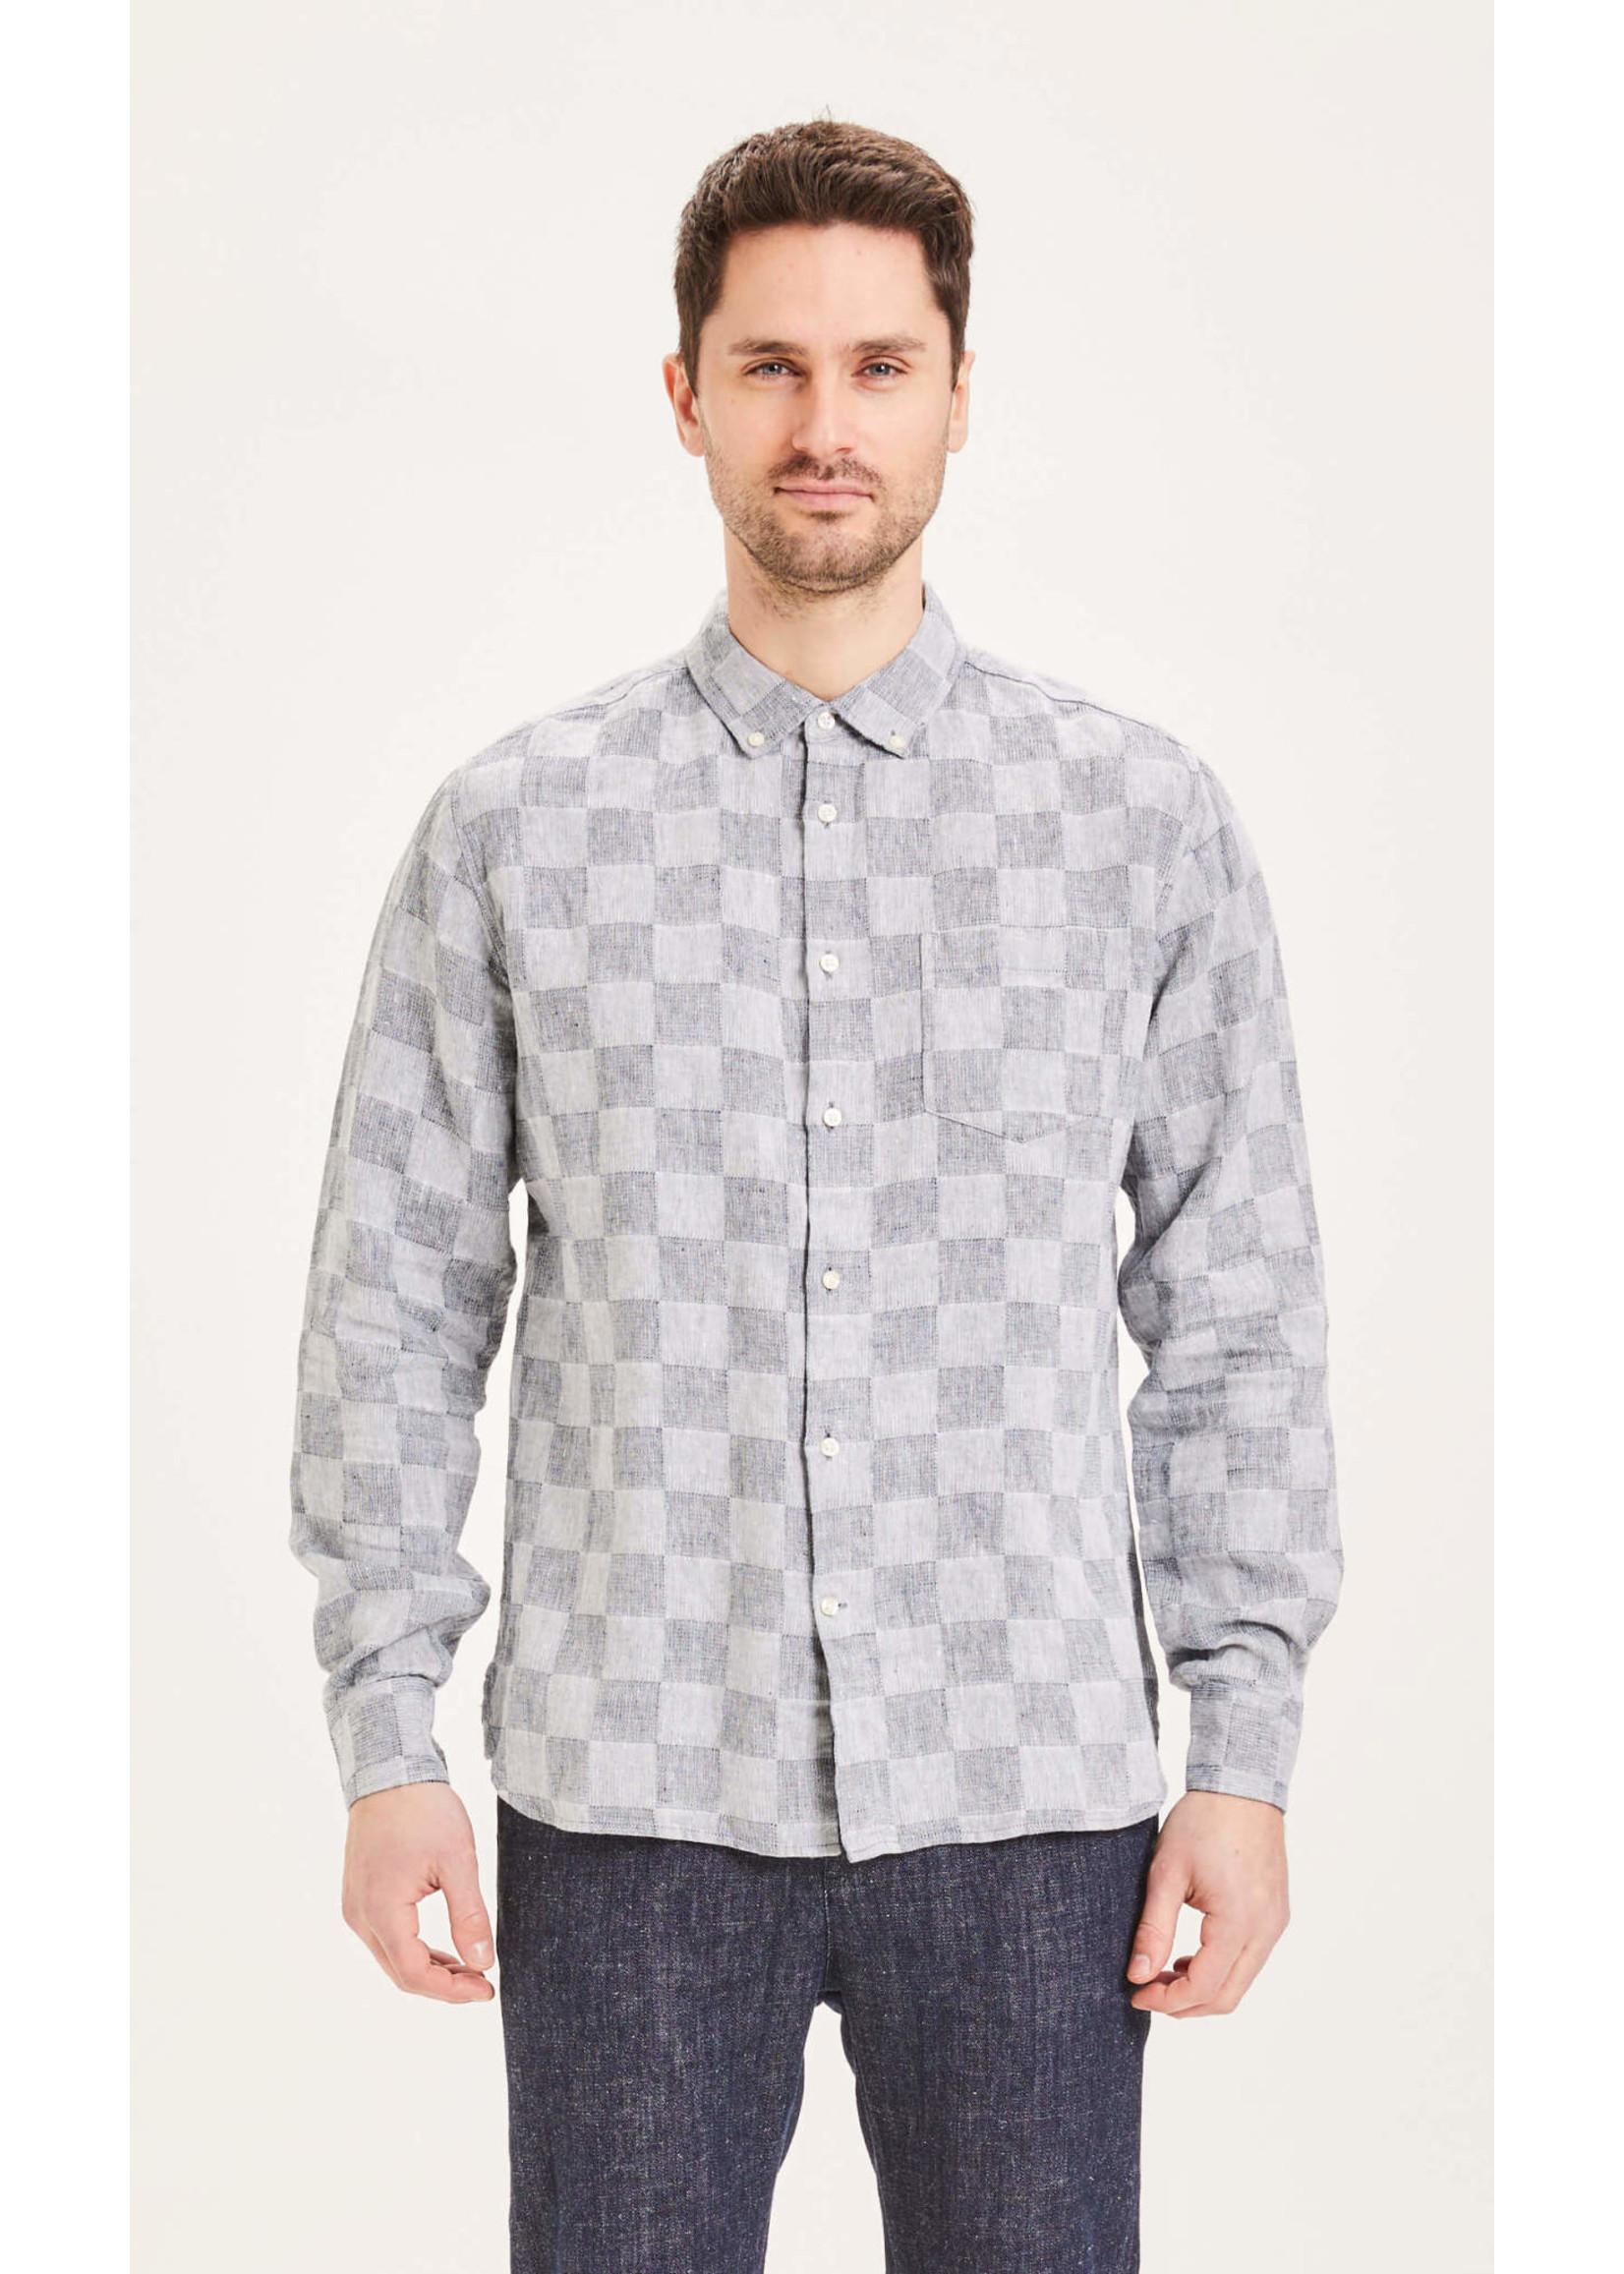 KnowledgeCotton KnowledgeCotton Elder regular fit checked linen shirt